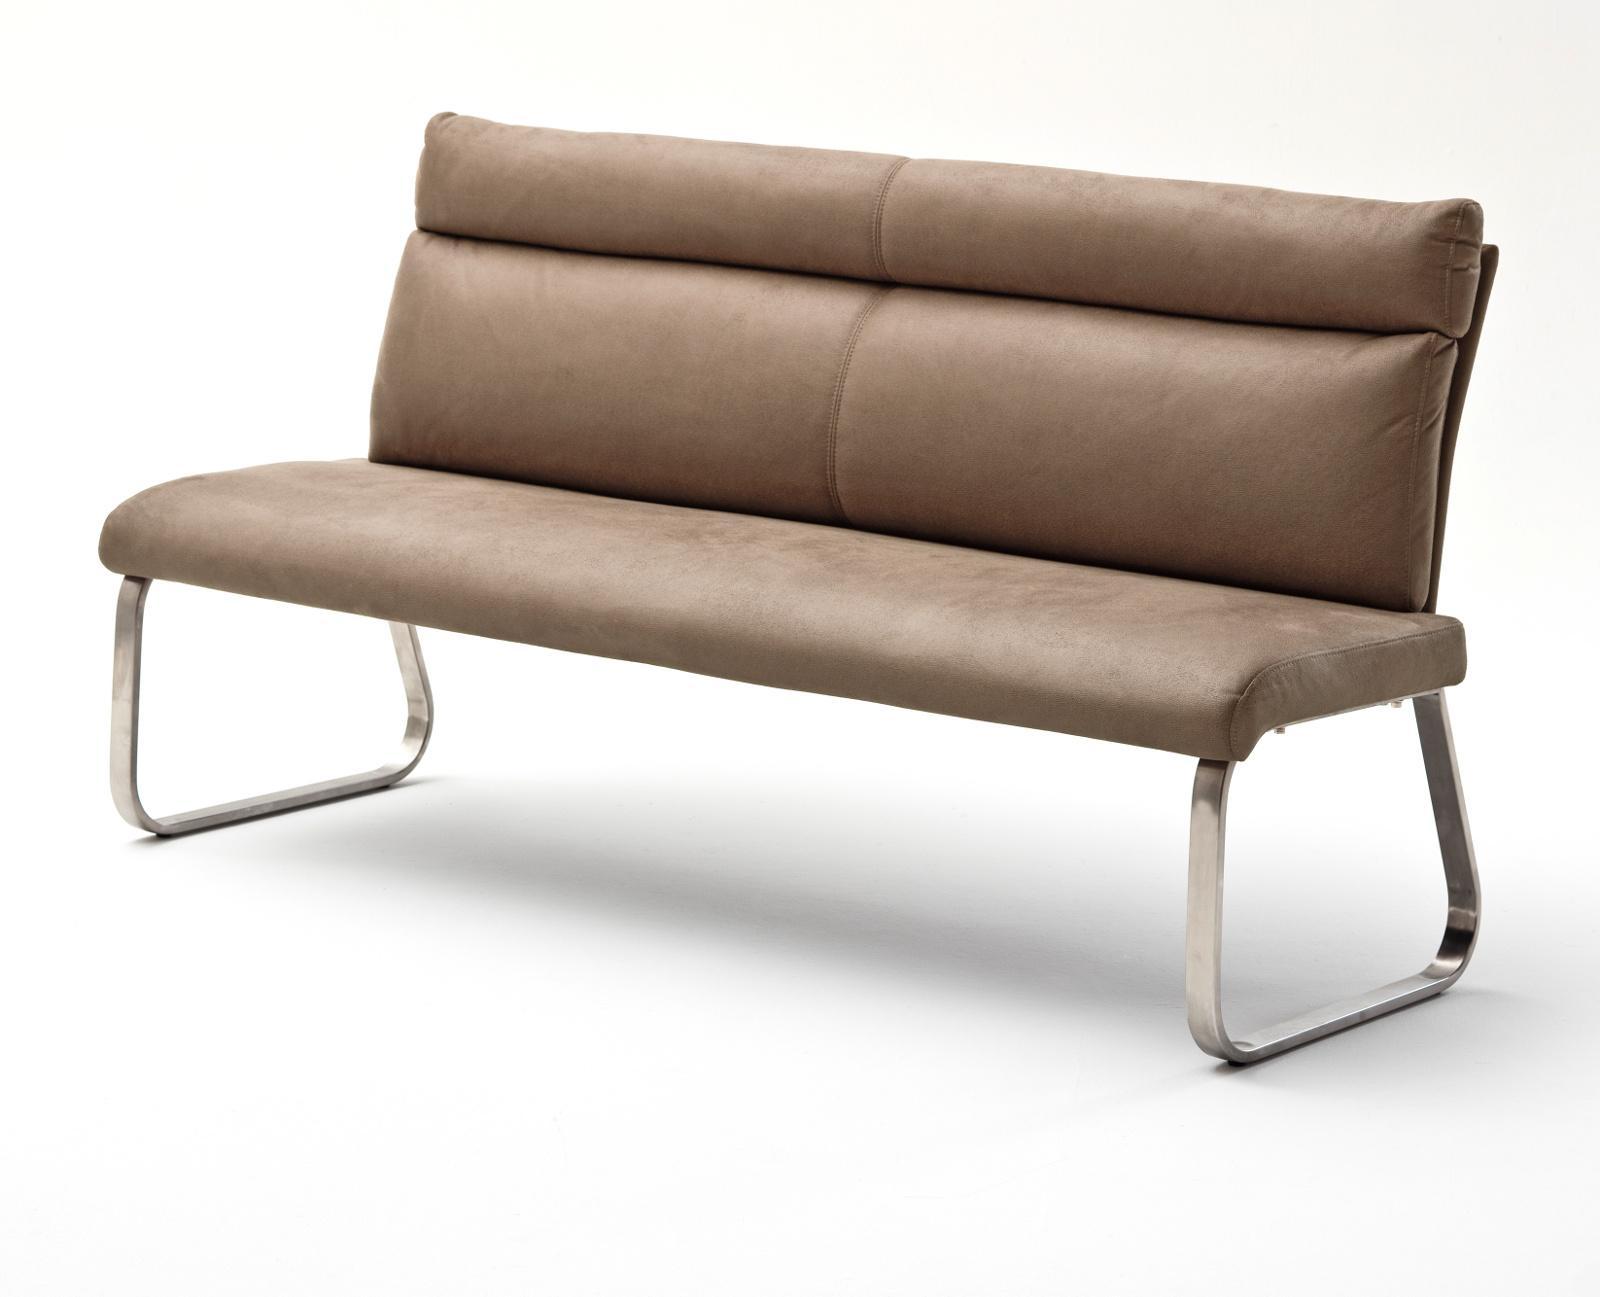 Sitzbank Mit Lehne Esszimmer 160 Cm